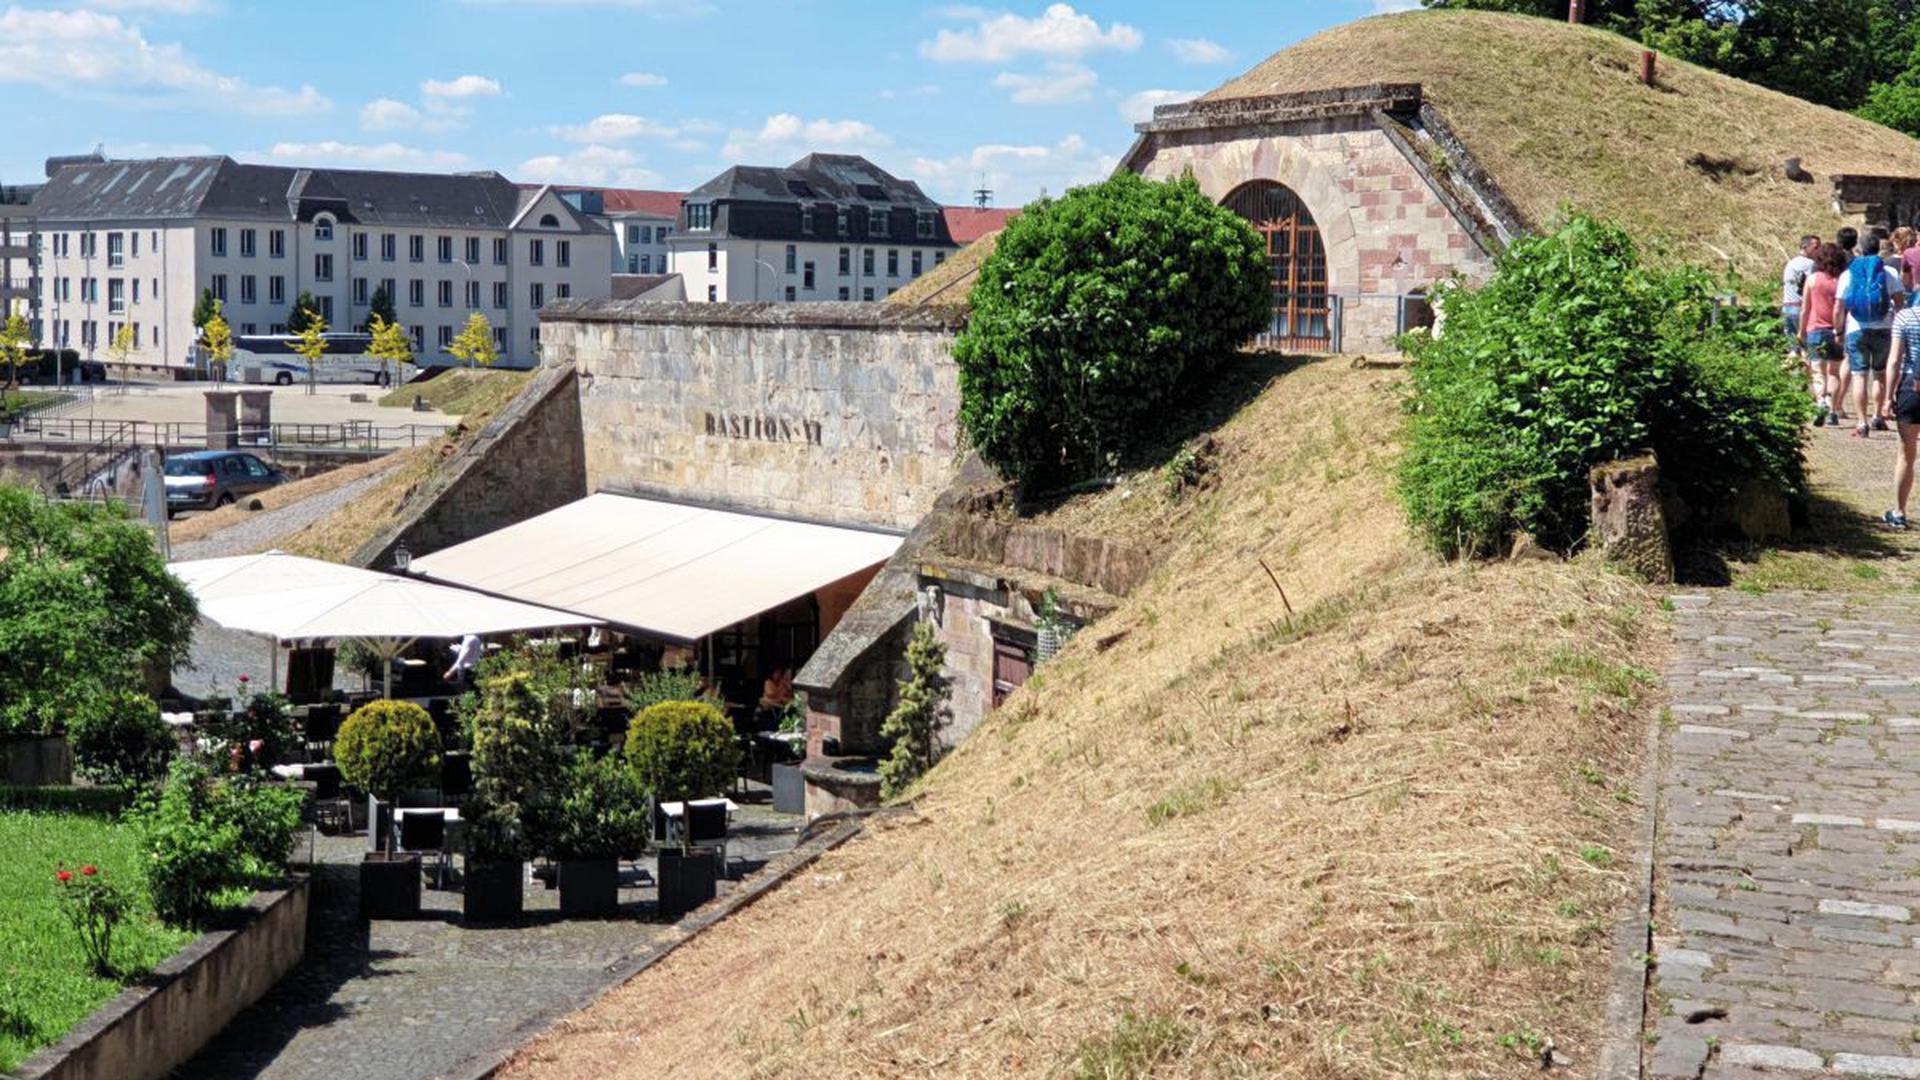 bastion in der Stadt Saarlouis im Saarland